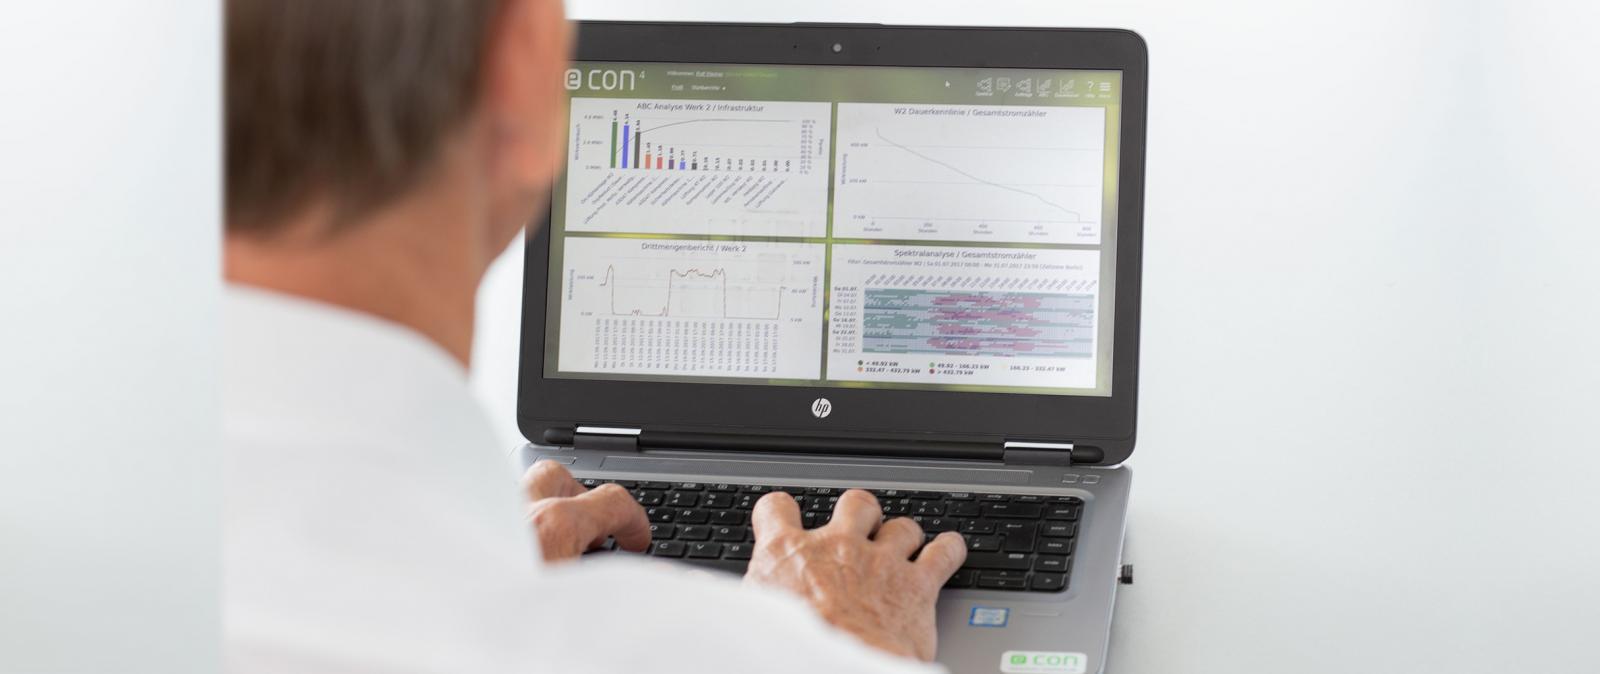 Mann vor Laptop econ Software auf Laptopscreen